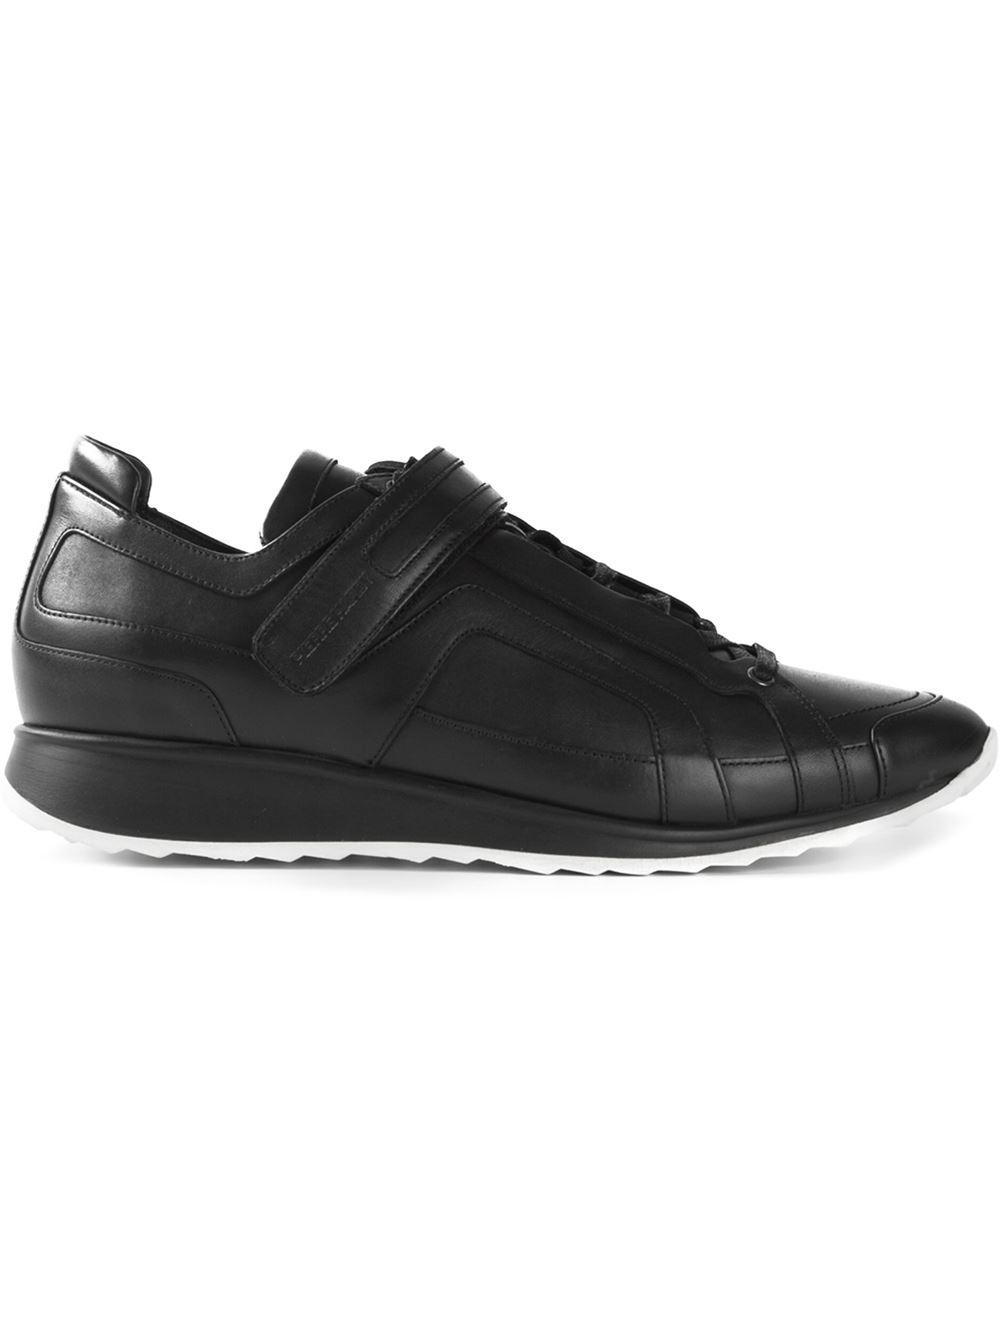 Lacoste Shoes Men  Velcro Straps